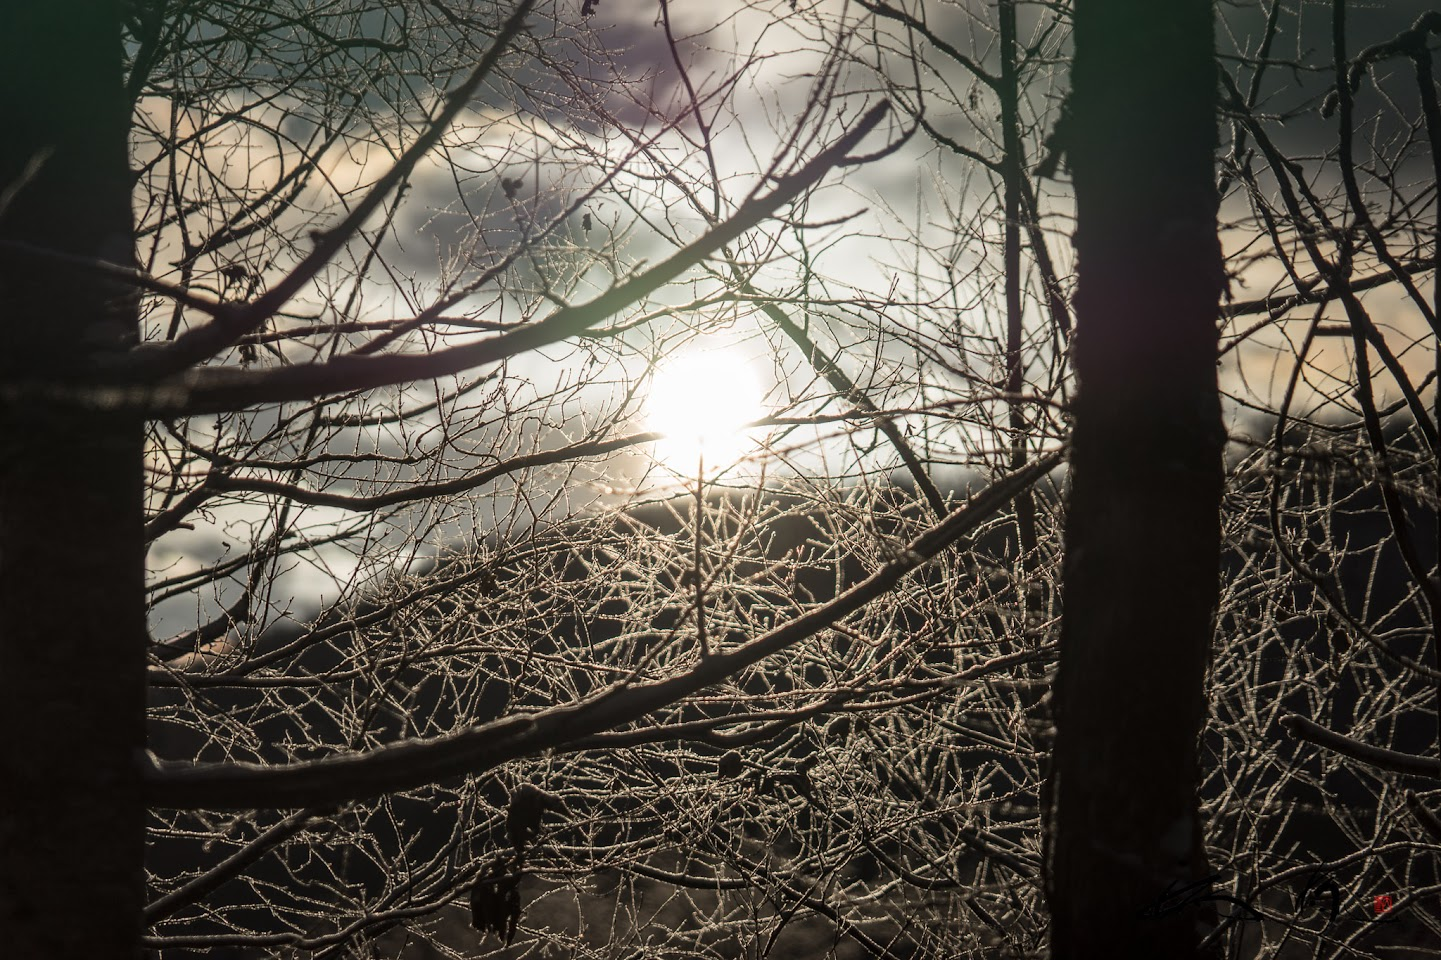 雪下出麦 ( ゆきわたりてむぎのびる )